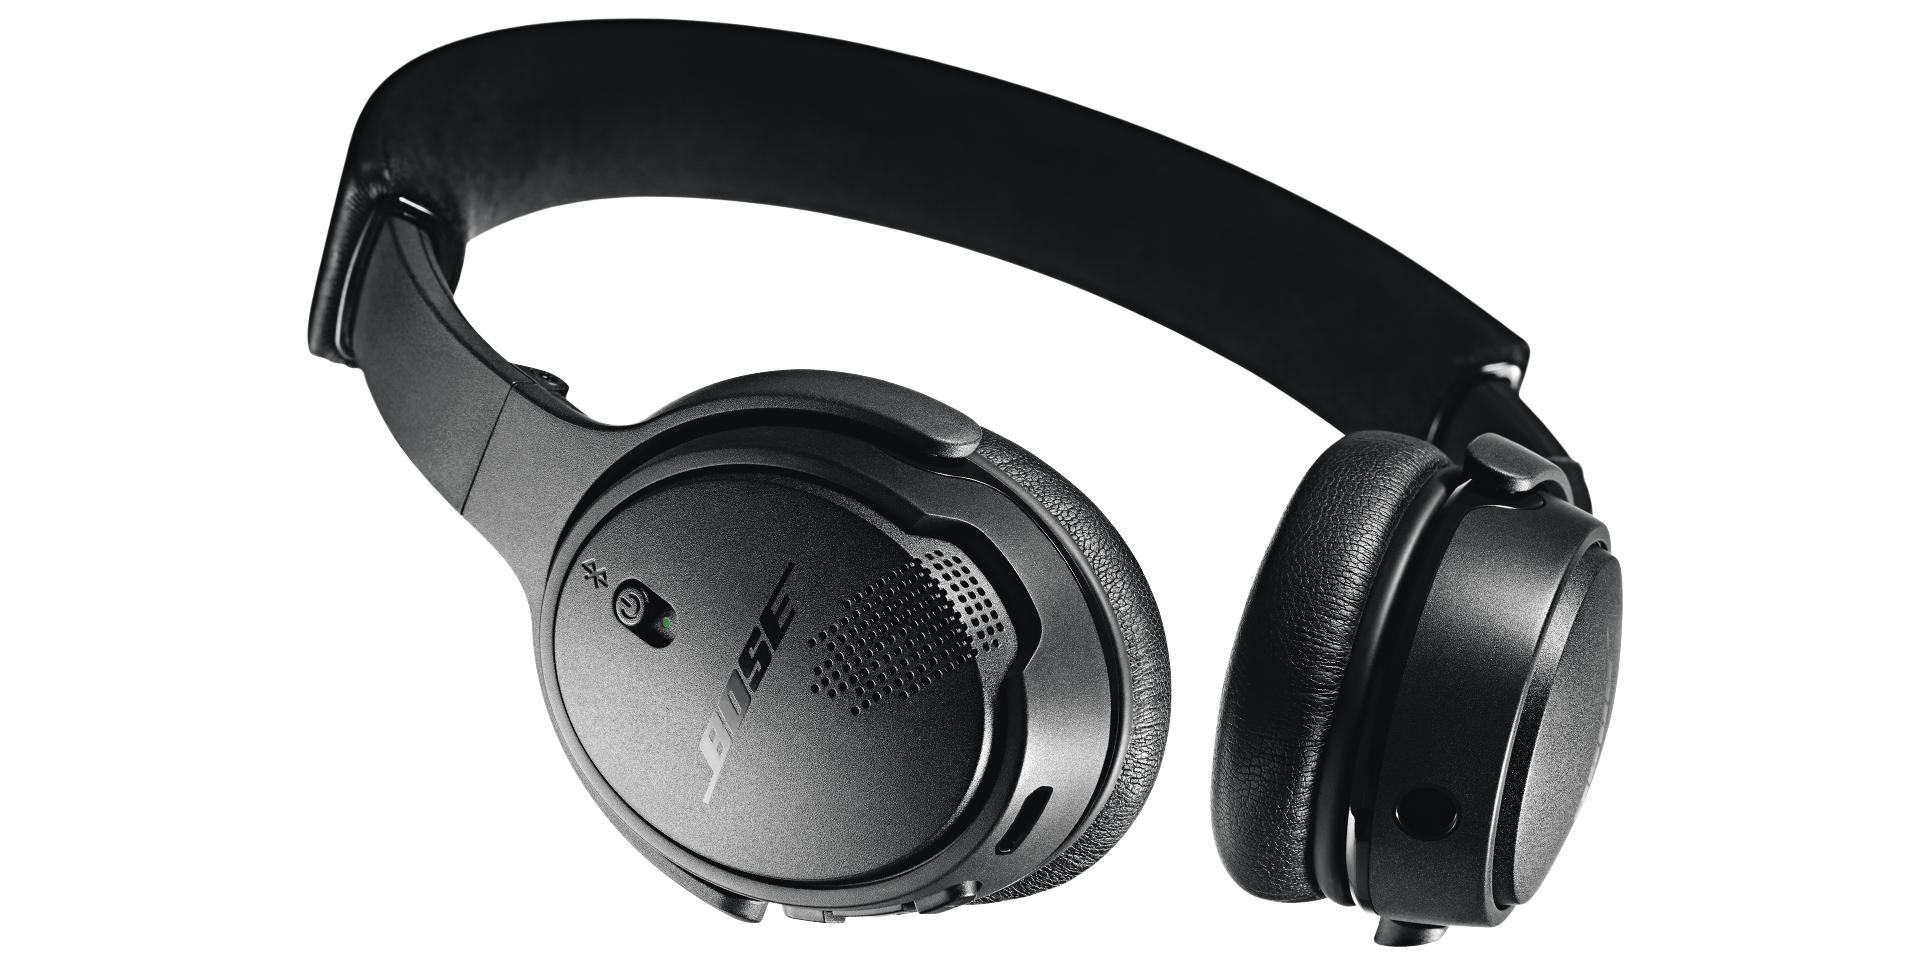 Bose® - On-ear Wireless Headphone Blk/blk